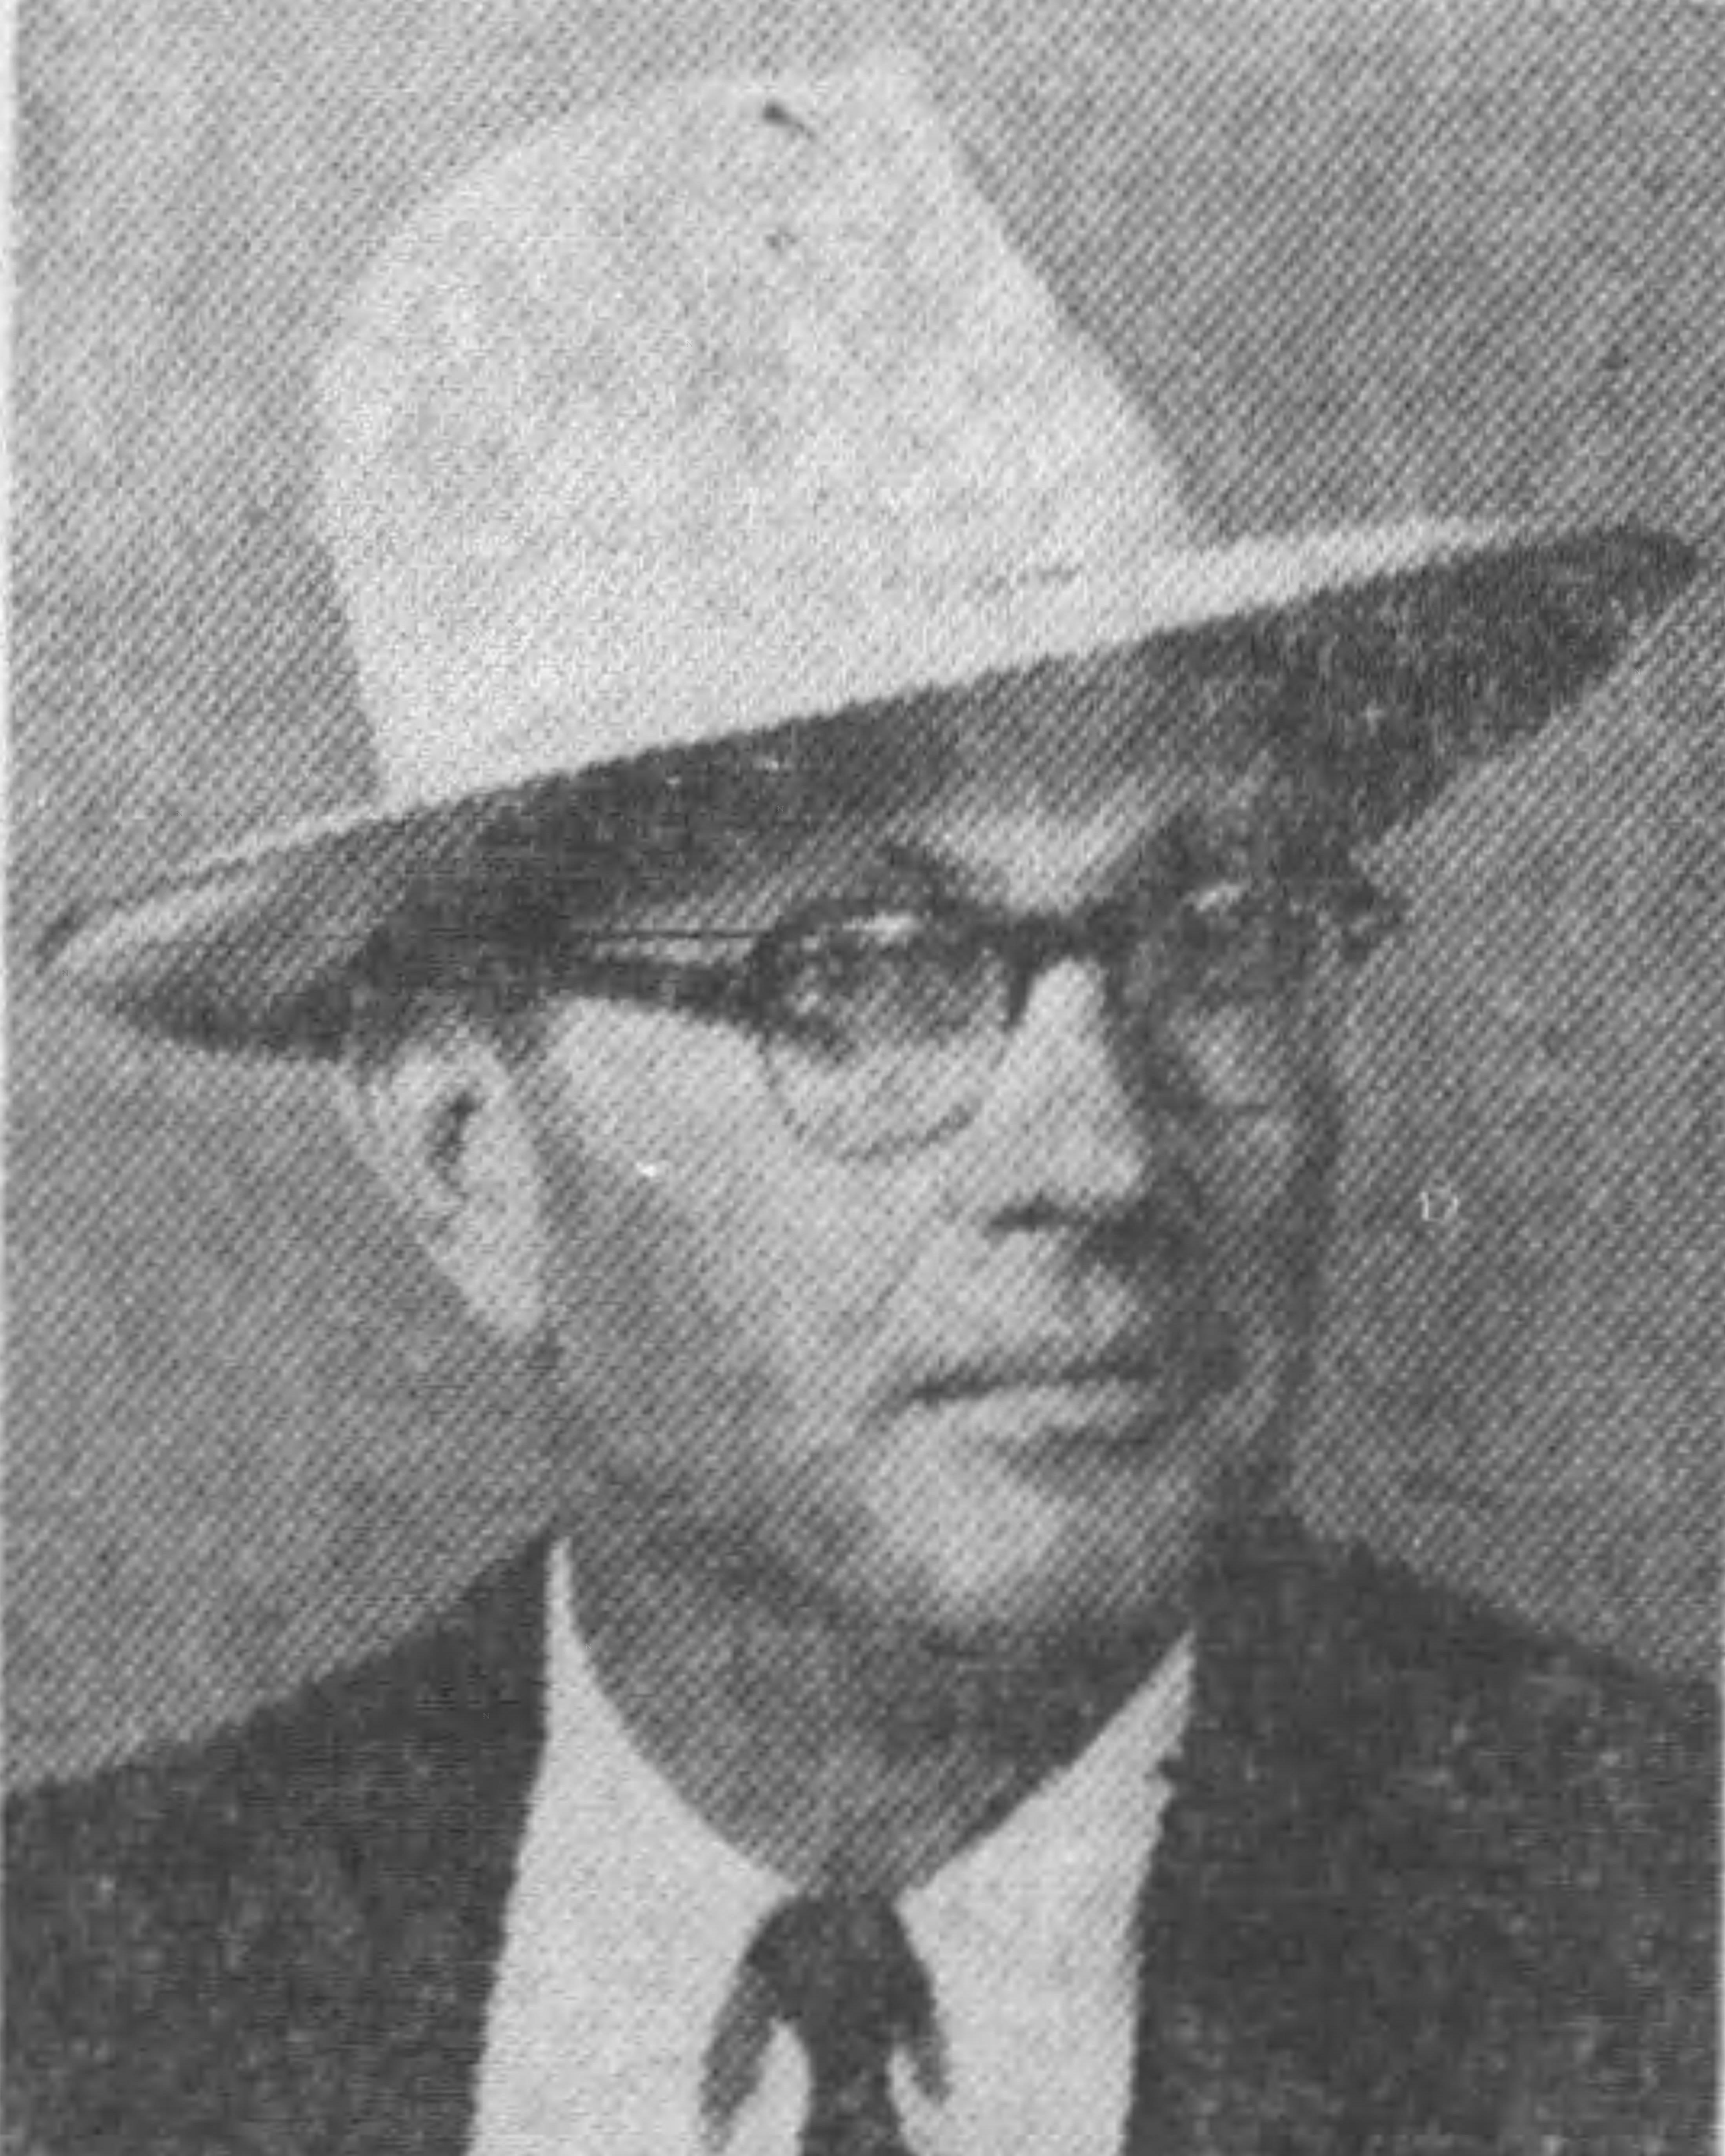 Deputy Sheriff Roland E. Davis, Sr. | Escambia County Sheriff's Office, Florida